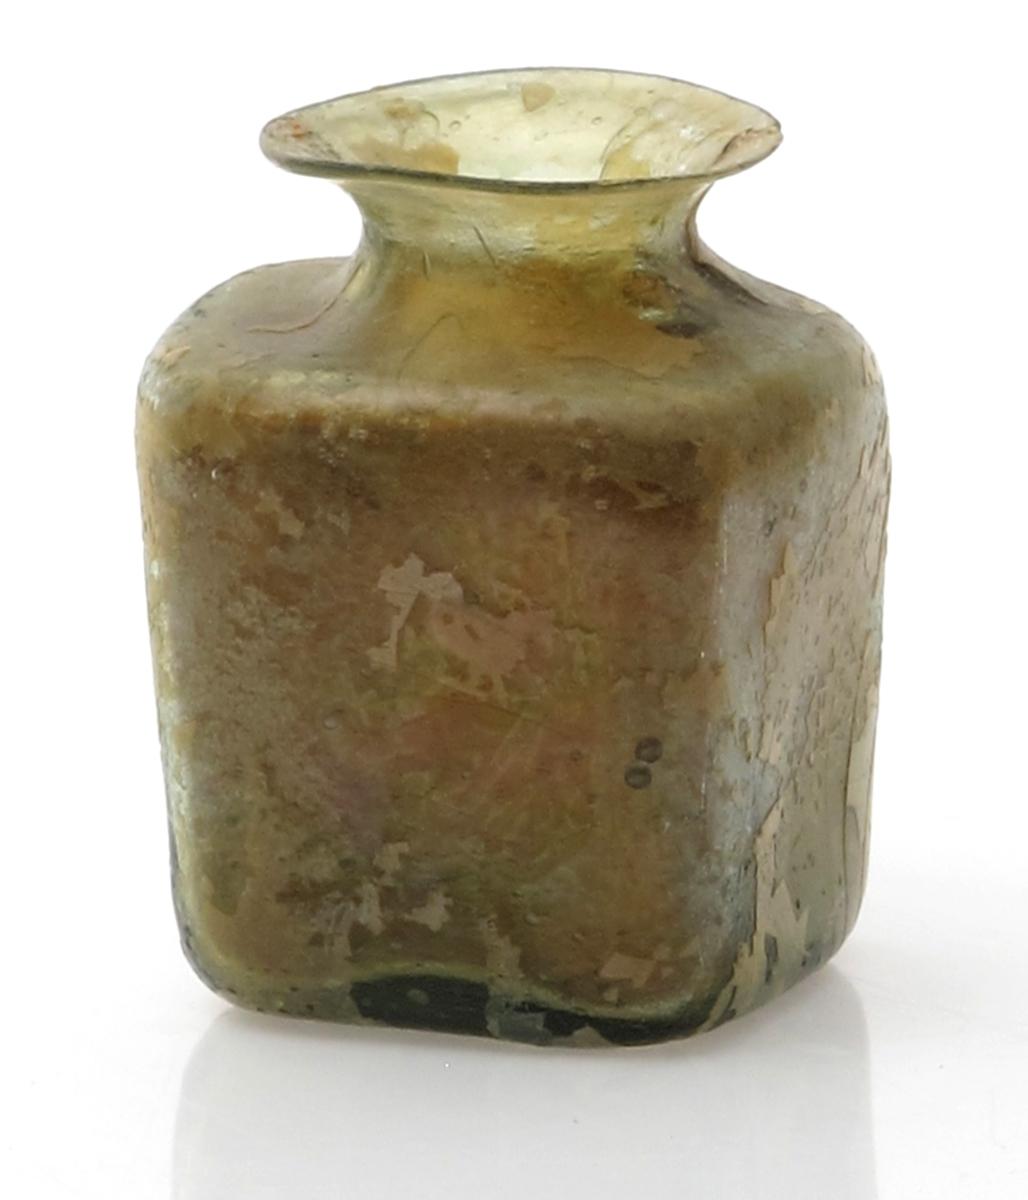 Flate skuldre. rund munning med utbrettet brem.  Lys grønt glass, ytre  lag matt og lyst, ser ut til å skalle av.